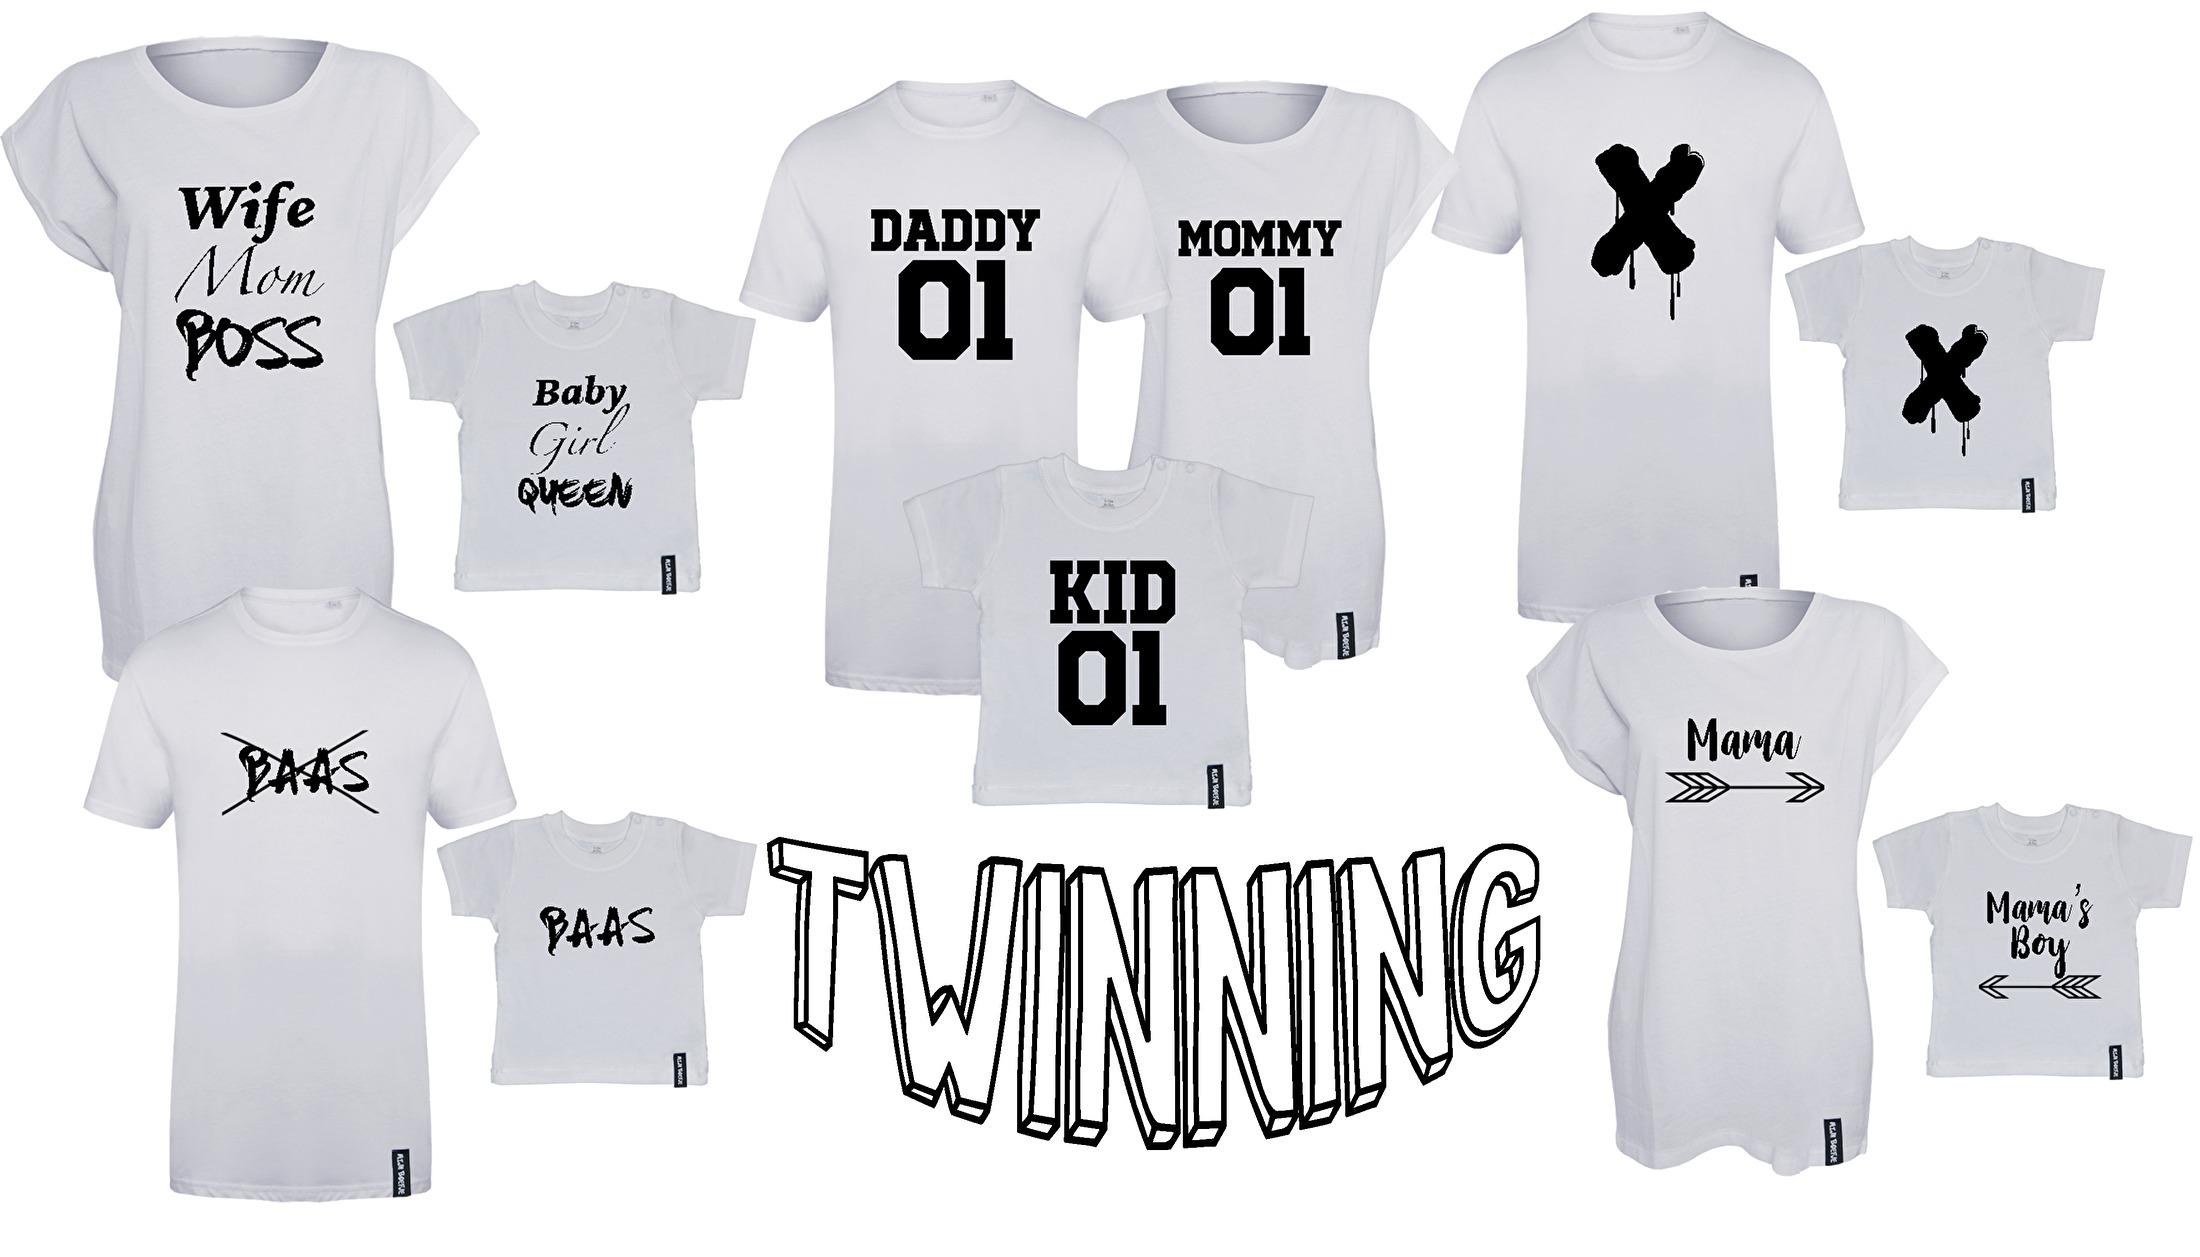 Twinning t-shirts